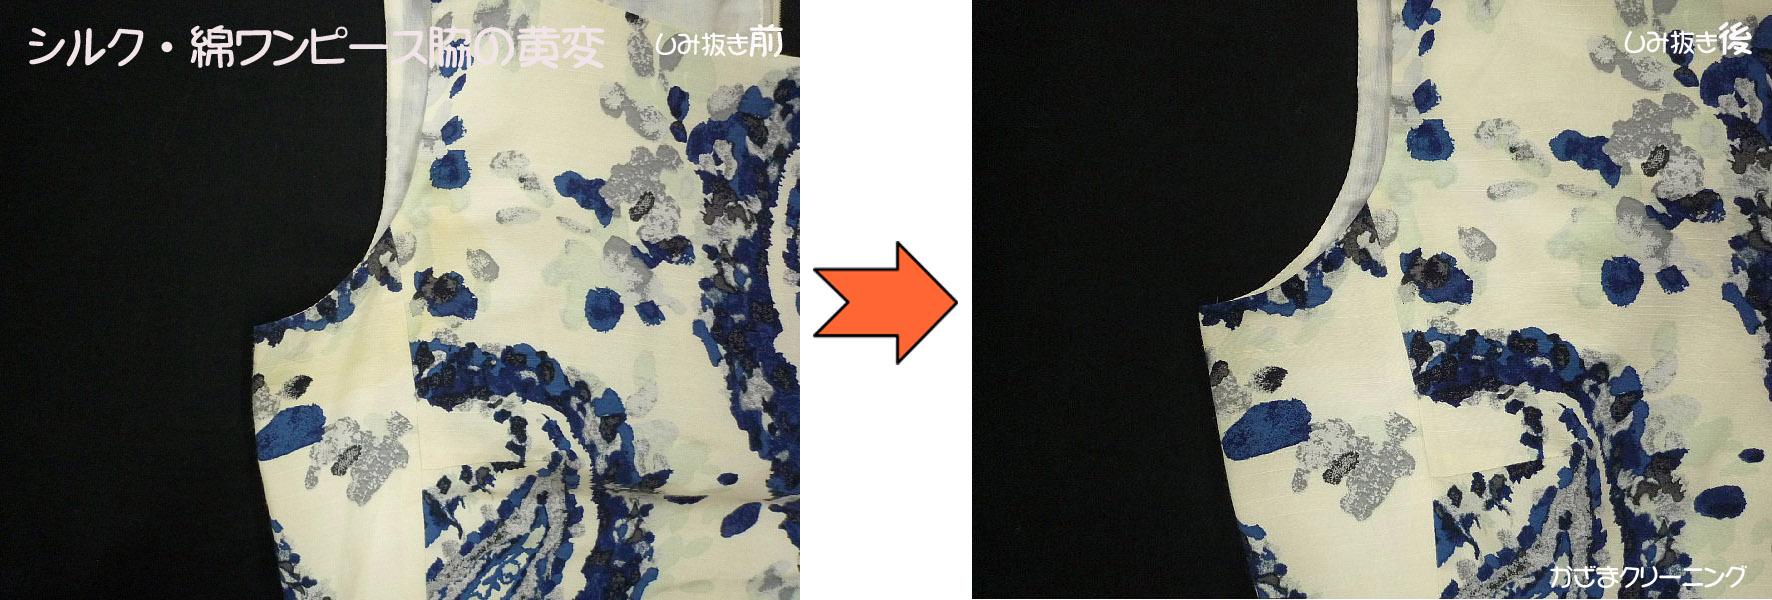 シルク・綿ワンピース(トゥモローランド)の脇黄変しみ抜き